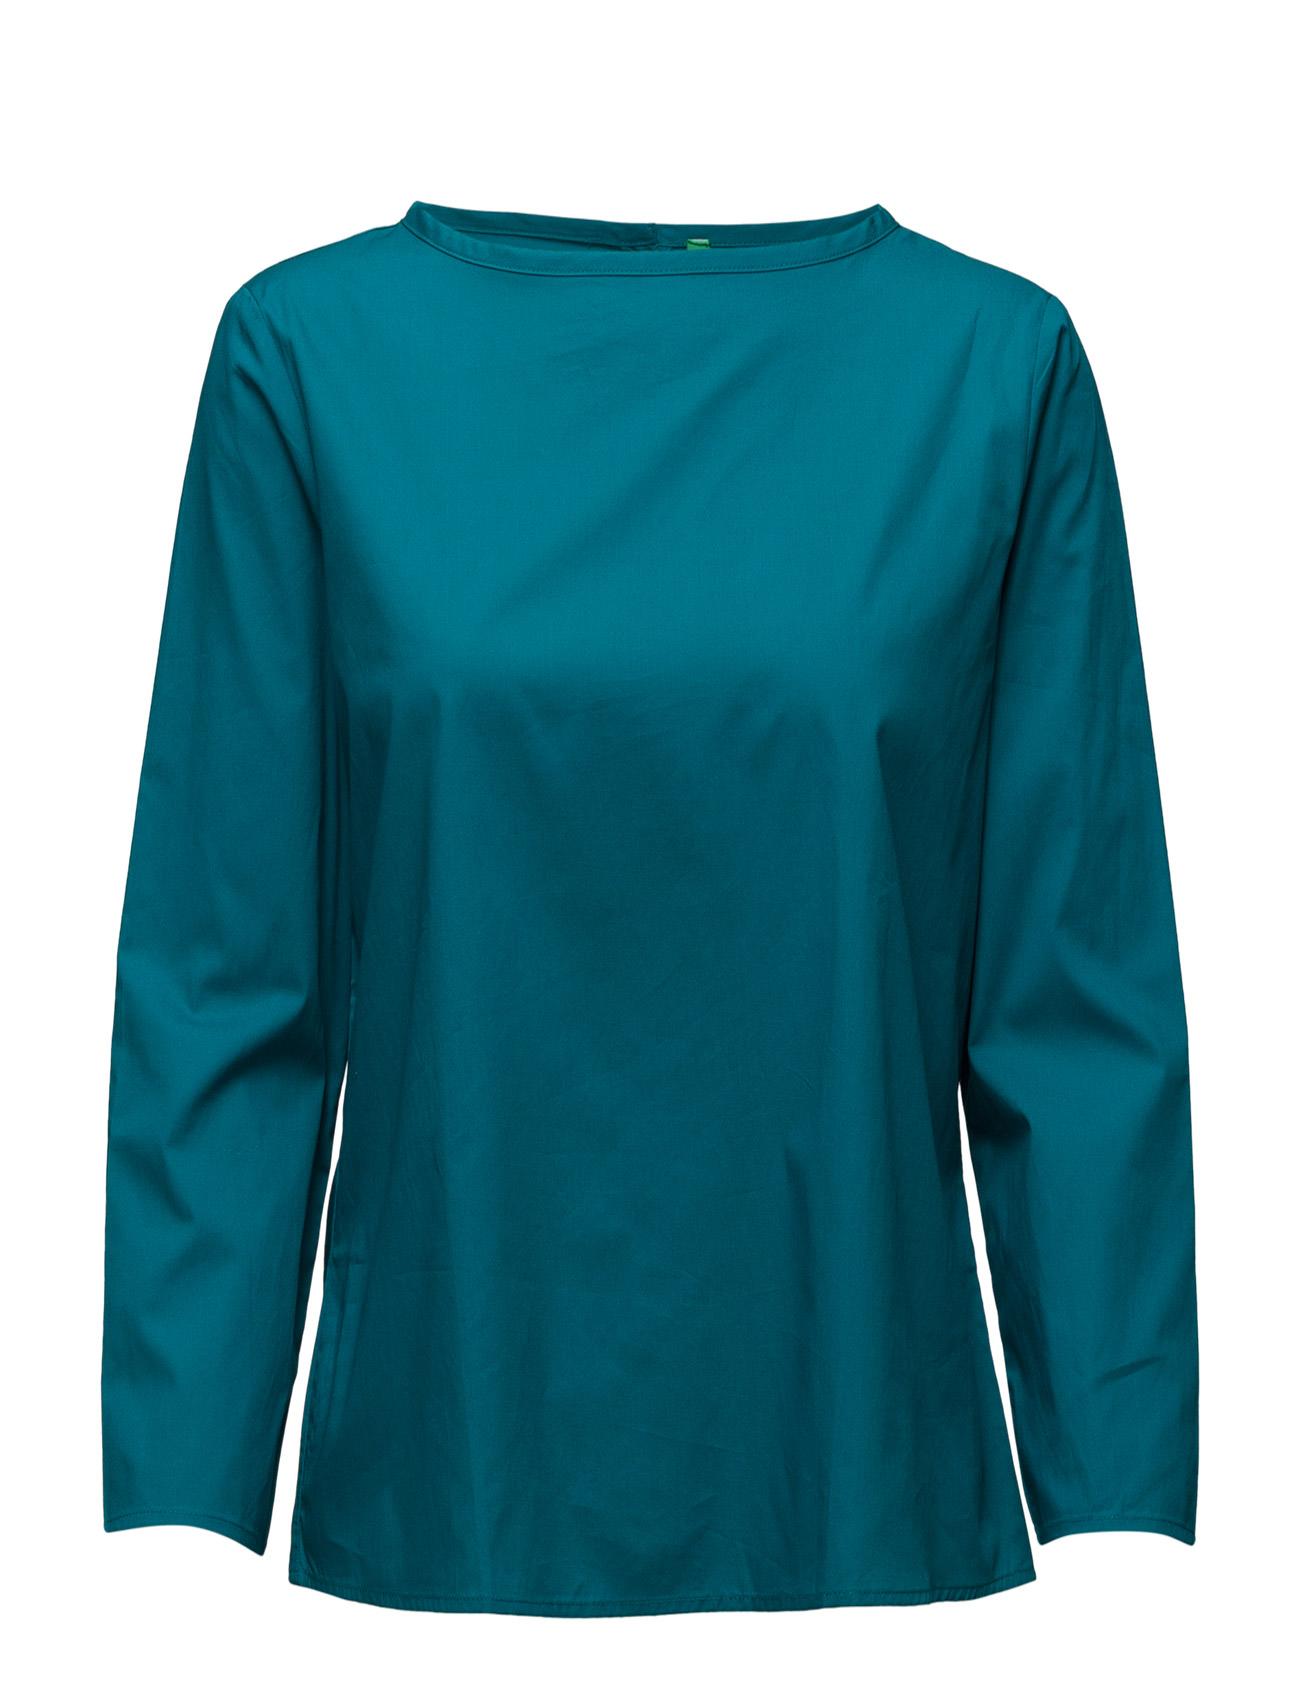 Blouse United Colors of Benetton Langærmede til Damer i